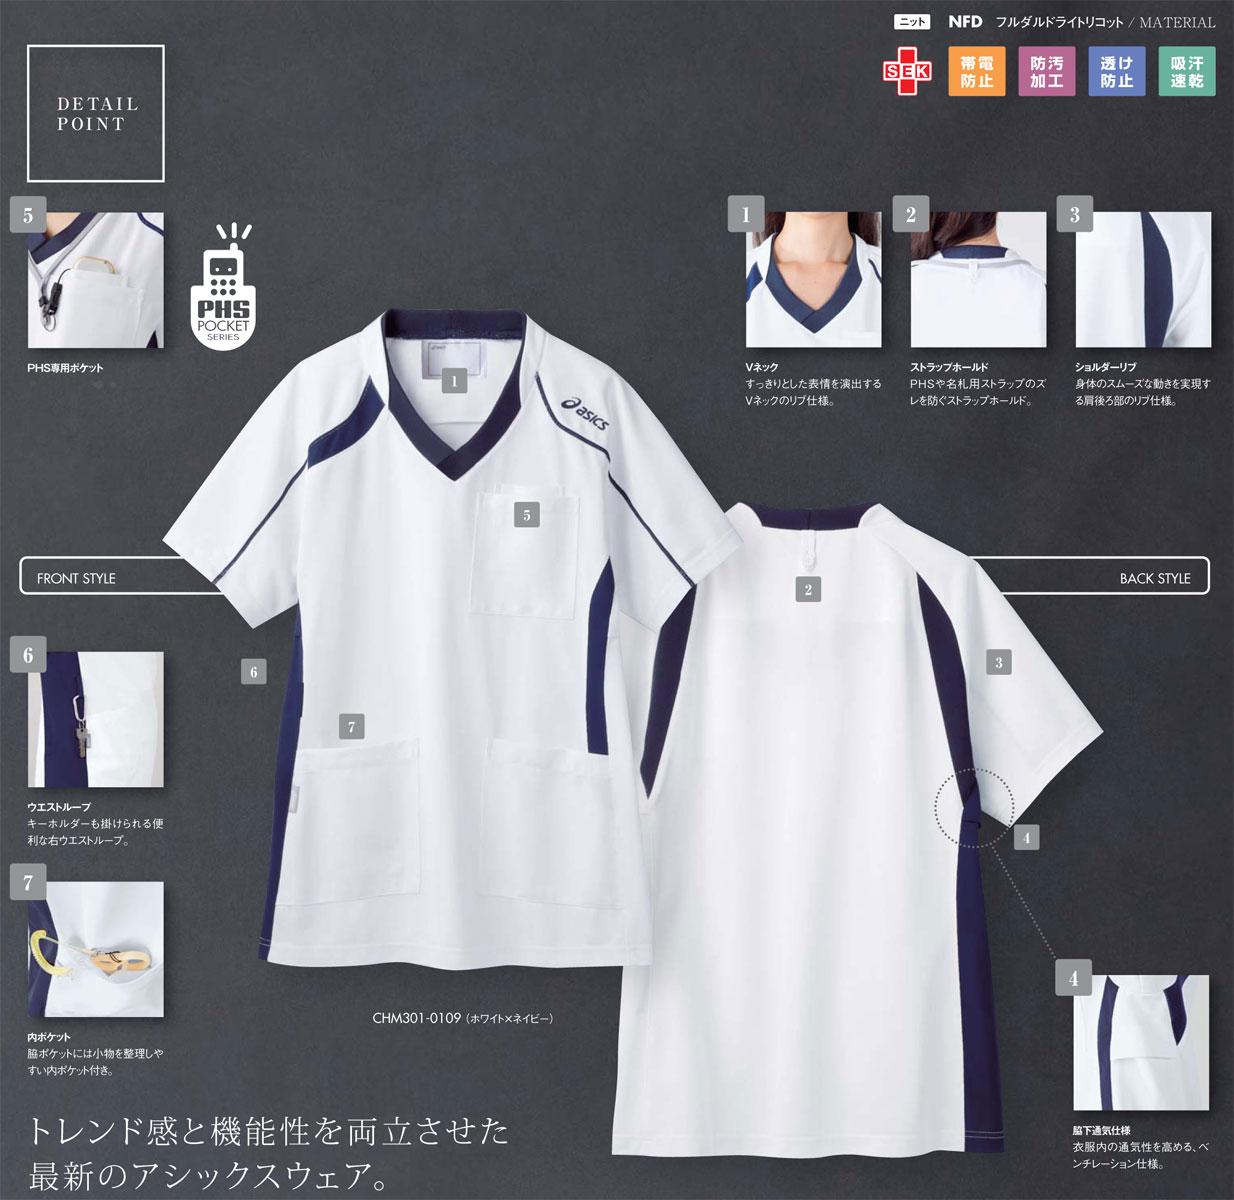 白衣 ジャケット白衣 男性女性兼用 カラー ダークブルー×ペールブルー CHM301 0403yO8Nwvn0m